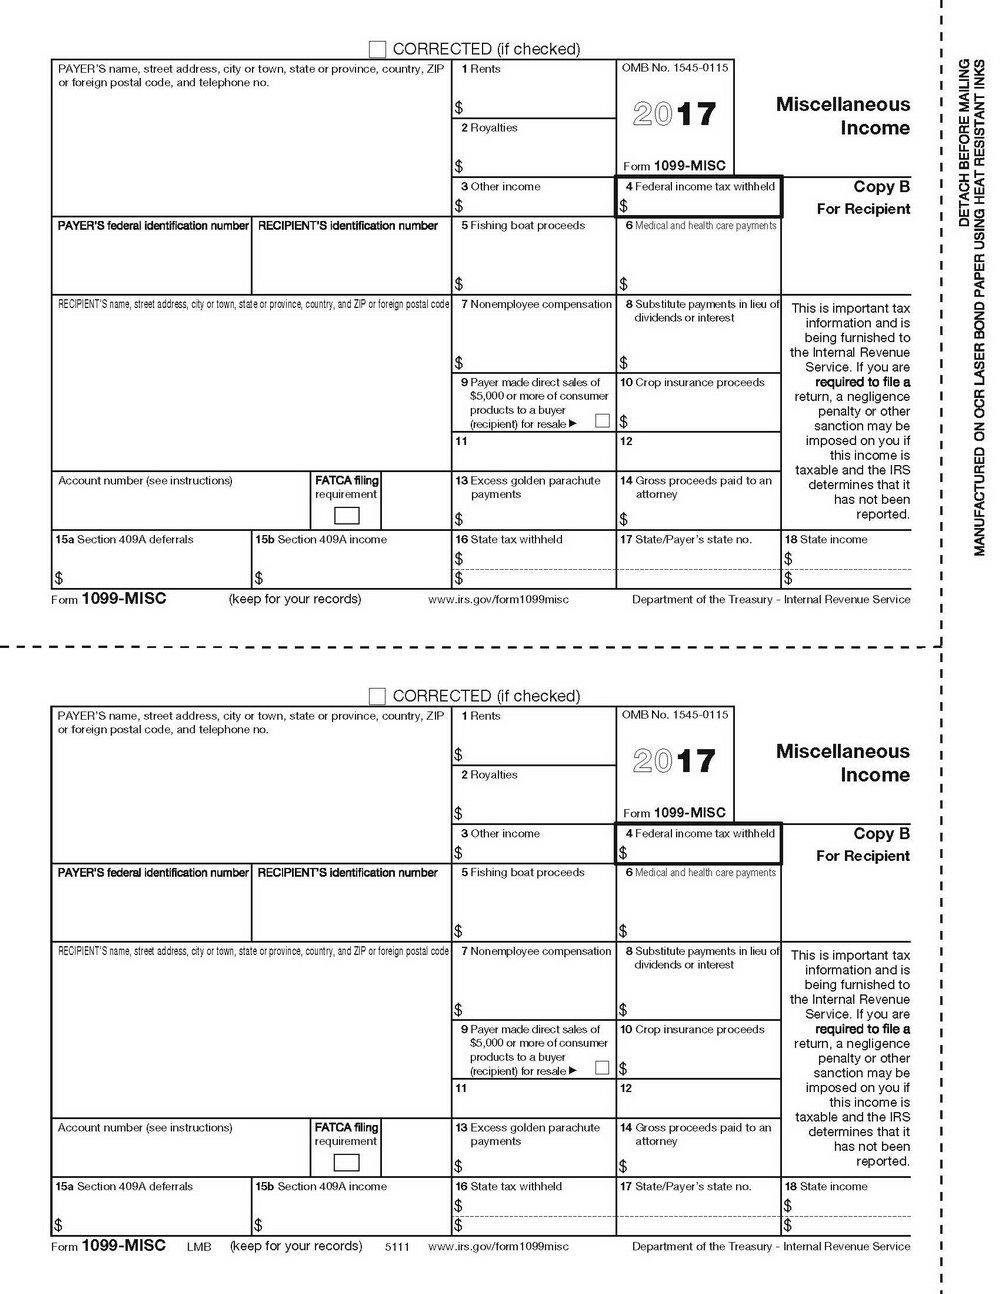 Printable 1099 Form 2017 Free   Mbm Legal - Free Printable 1099 Form